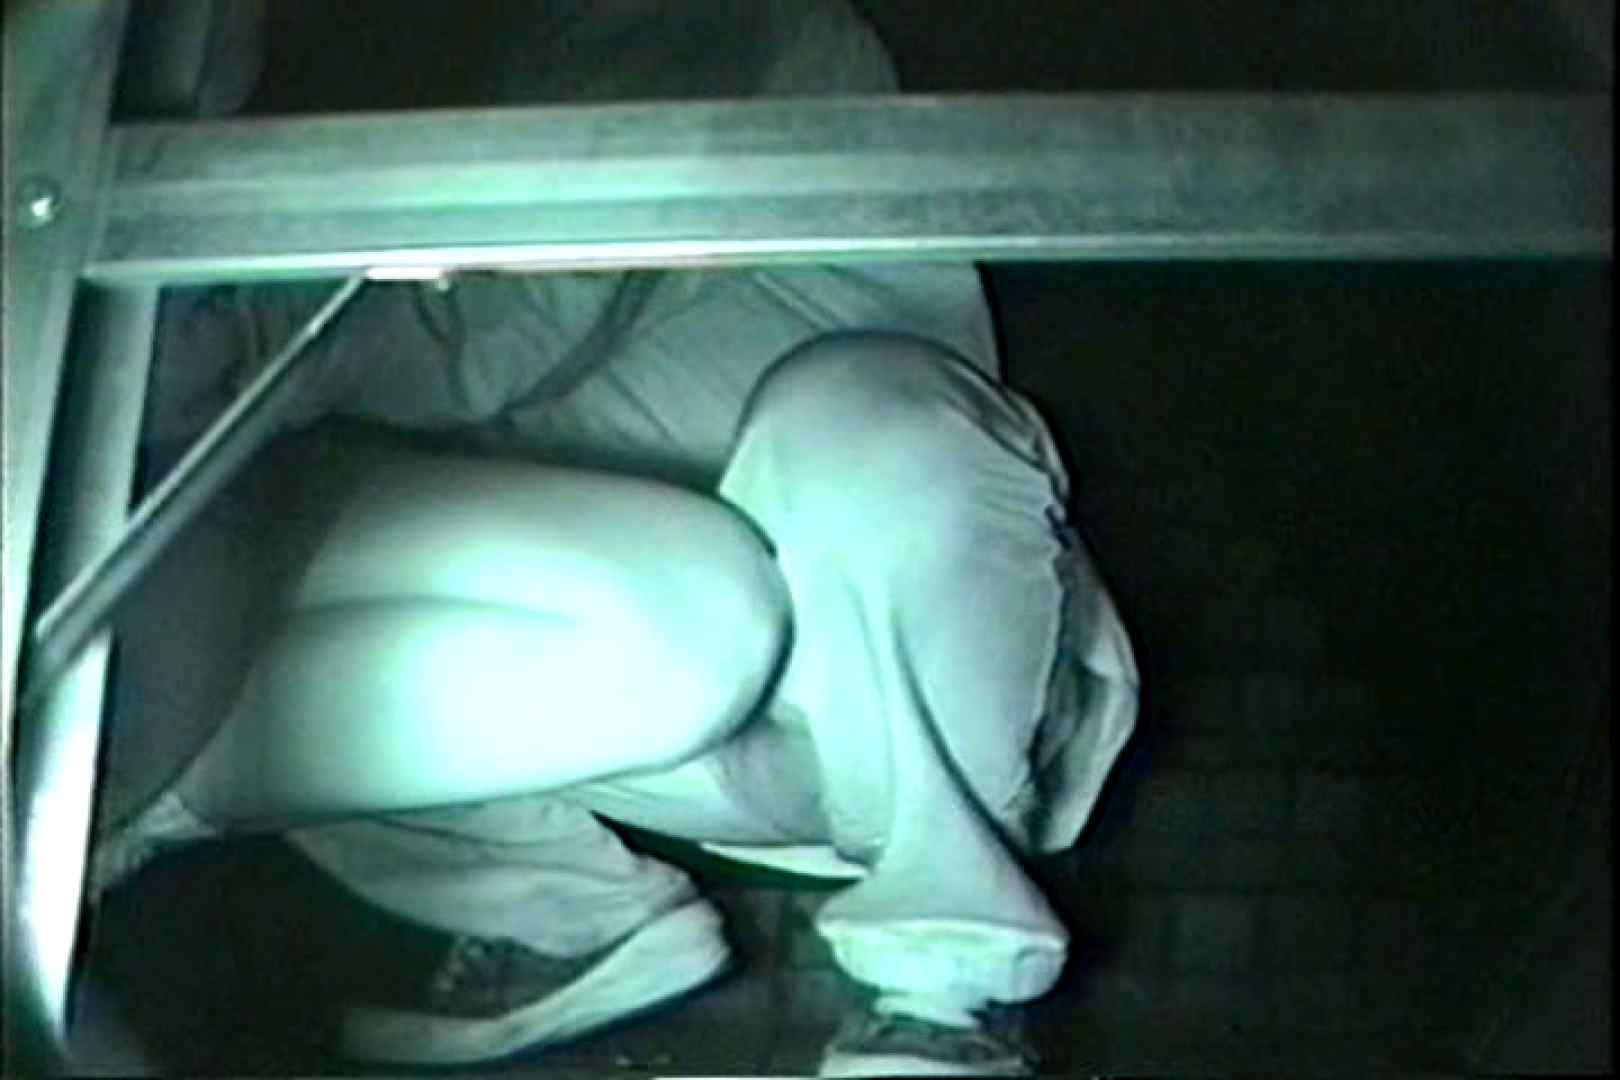 闇の仕掛け人 無修正版 Vol.17 セックス オマンコ動画キャプチャ 75PIX 53